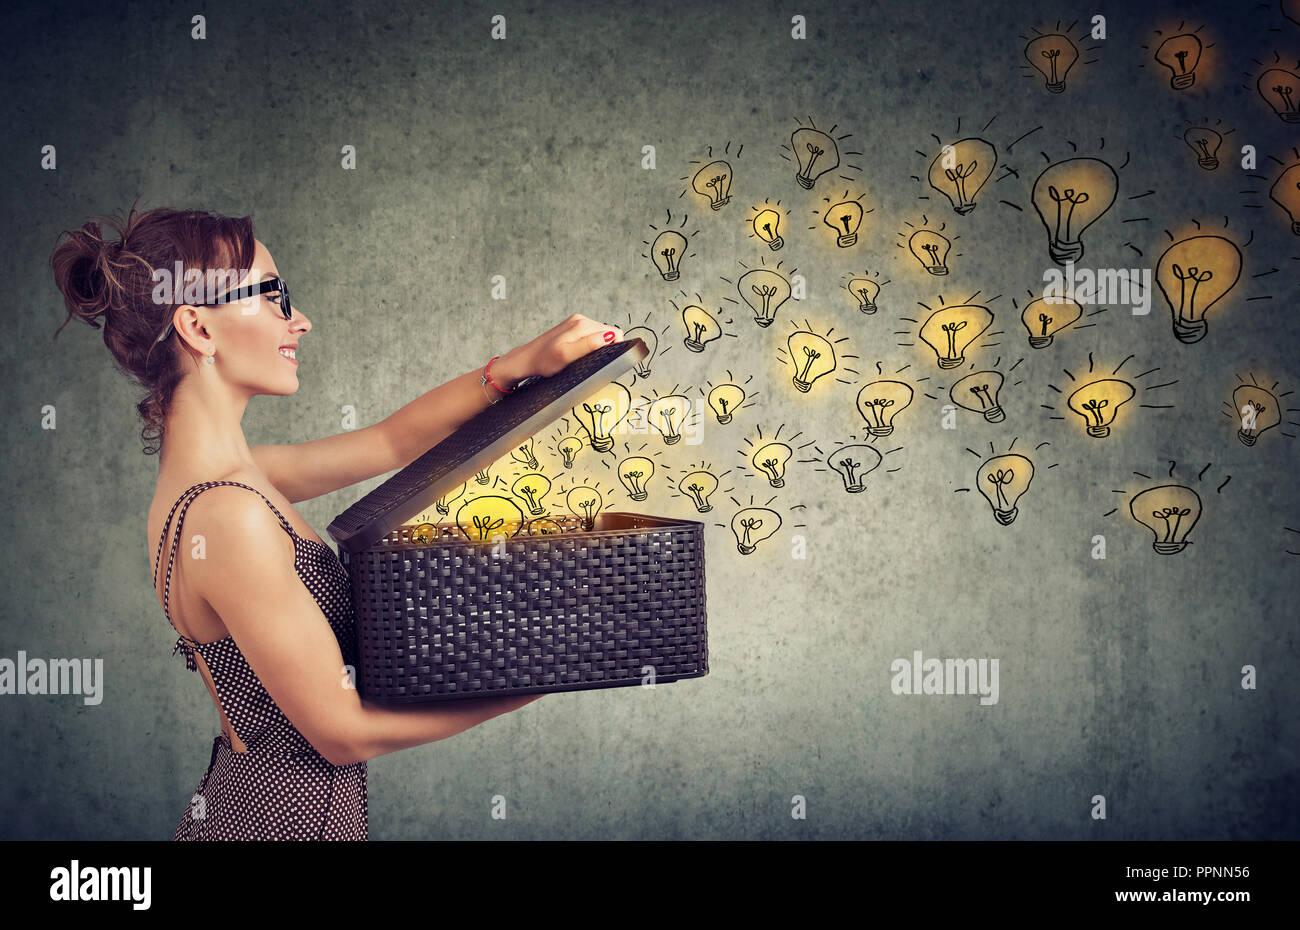 Side view of young woman holding a fort avec des idées brillantes diffuser les connaissances Photo Stock